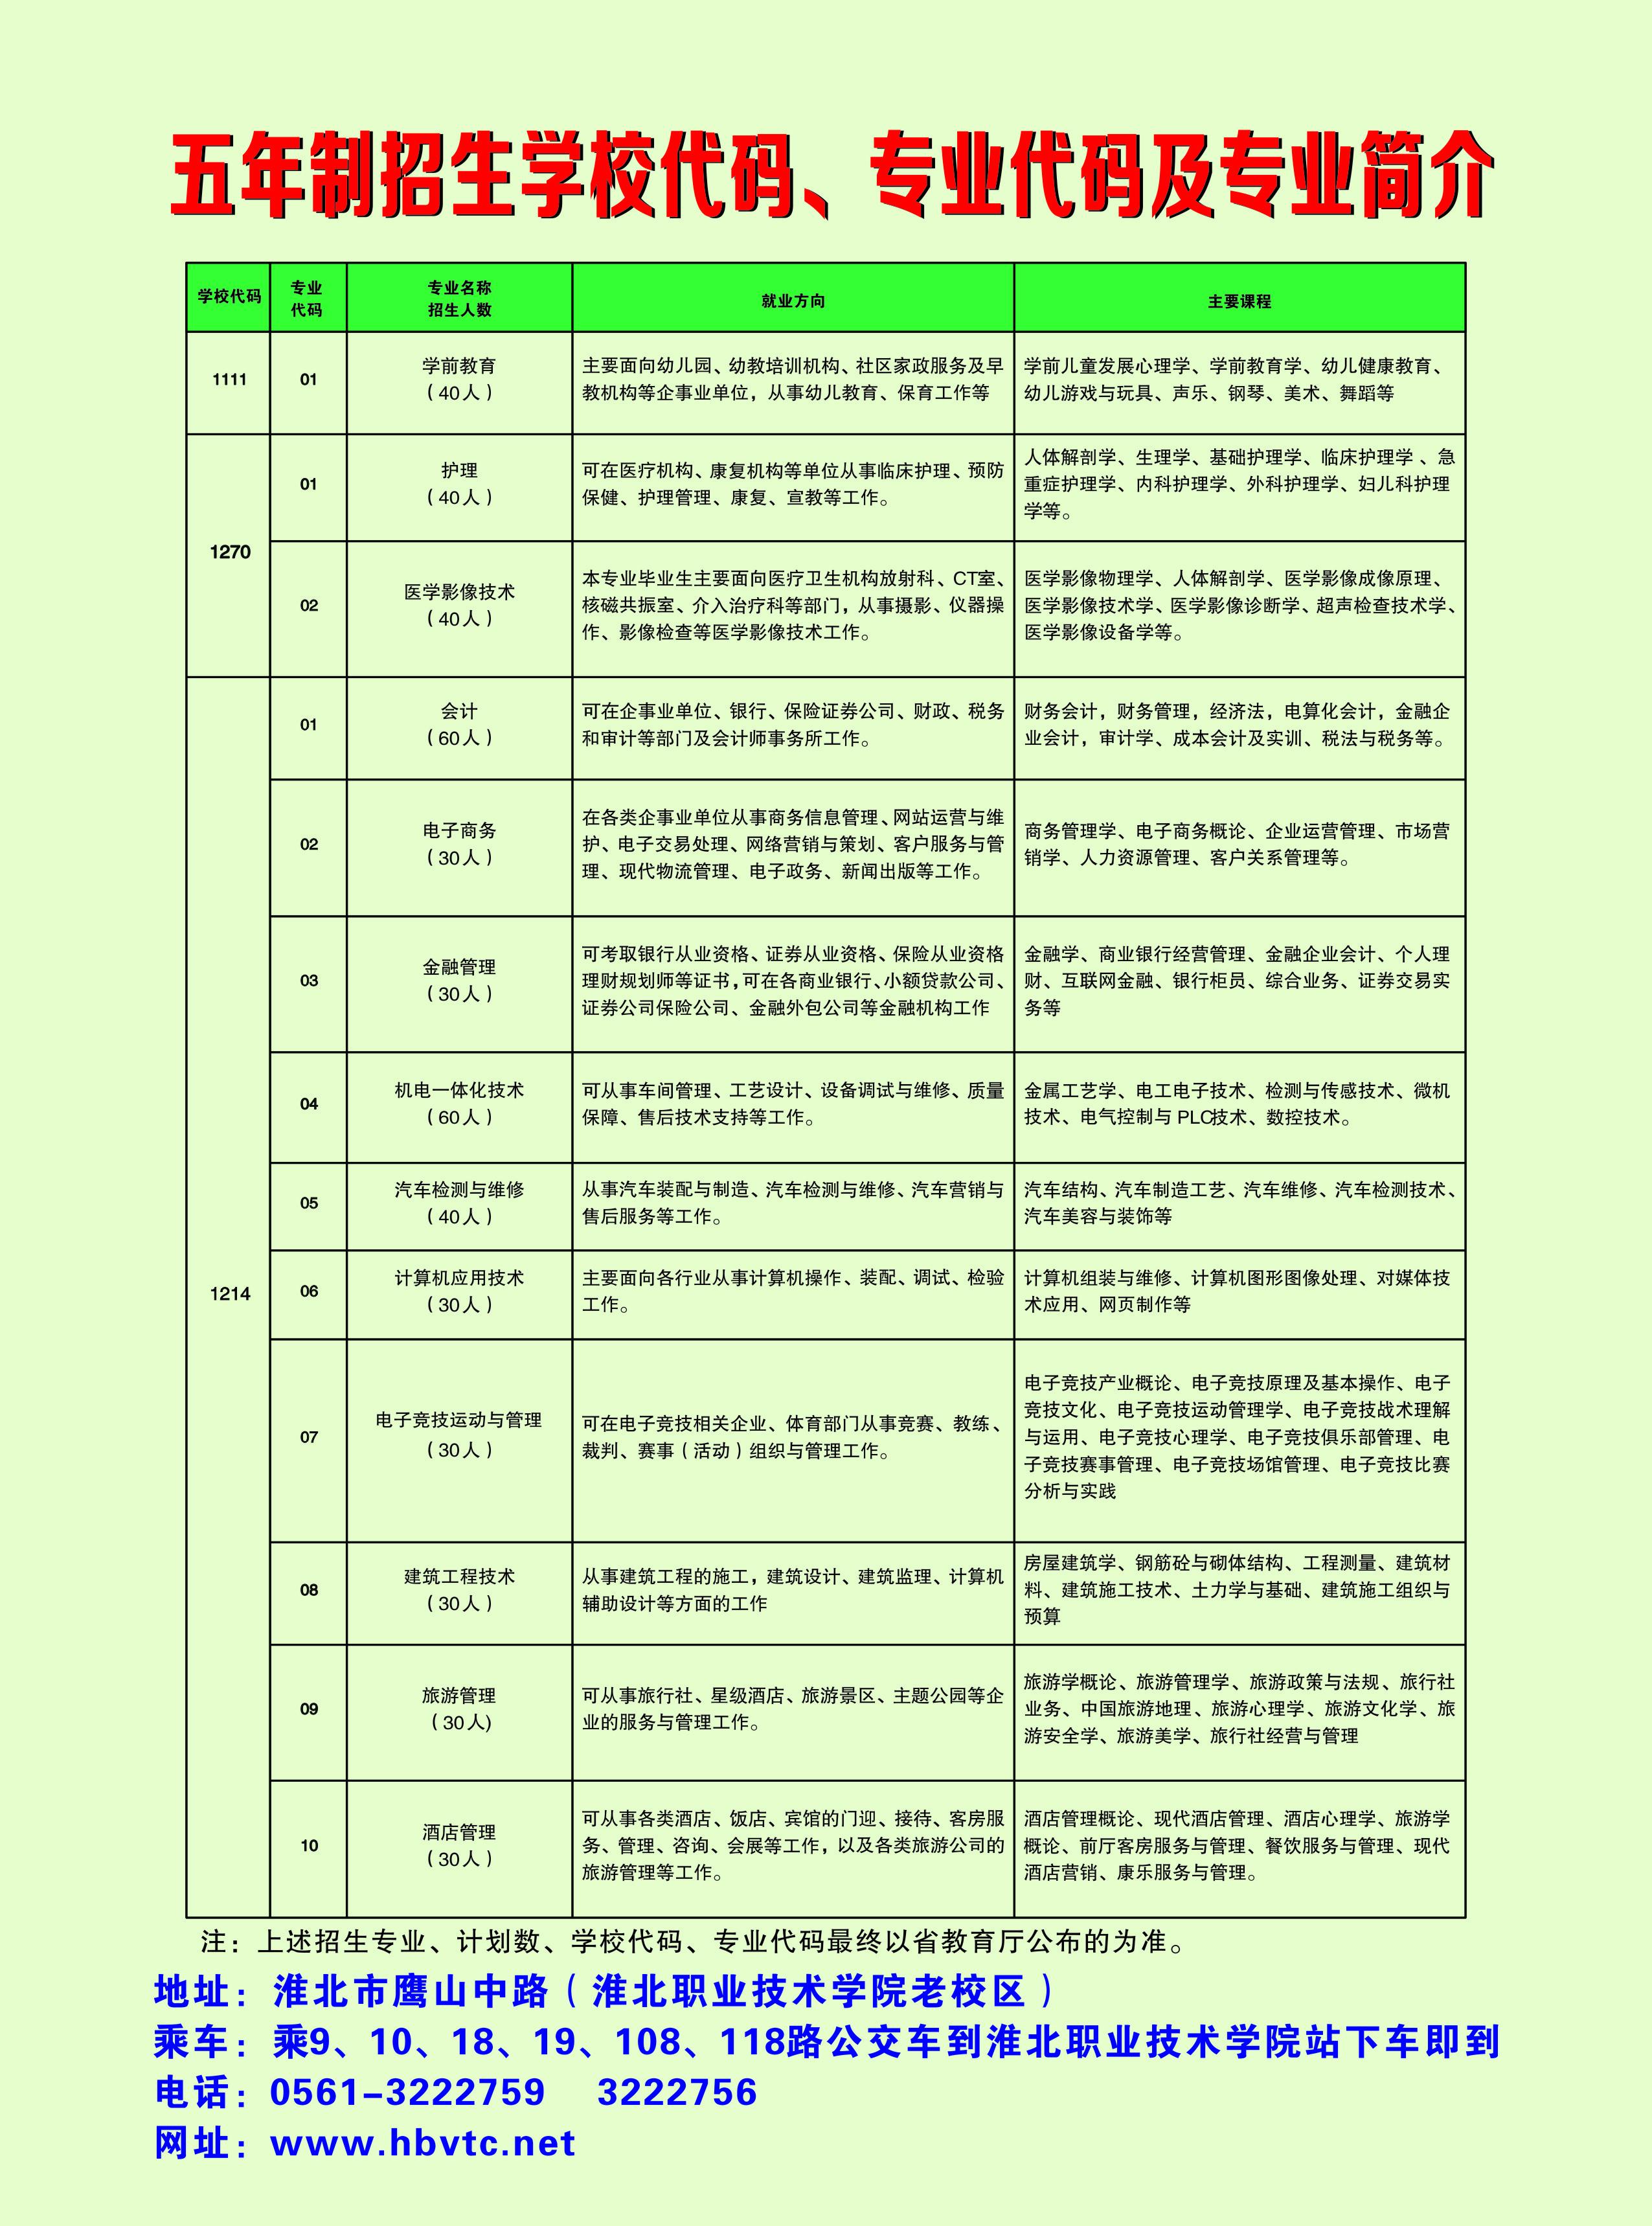 淮北职业技术学院2020年招生简章.cdr_0002.JPG